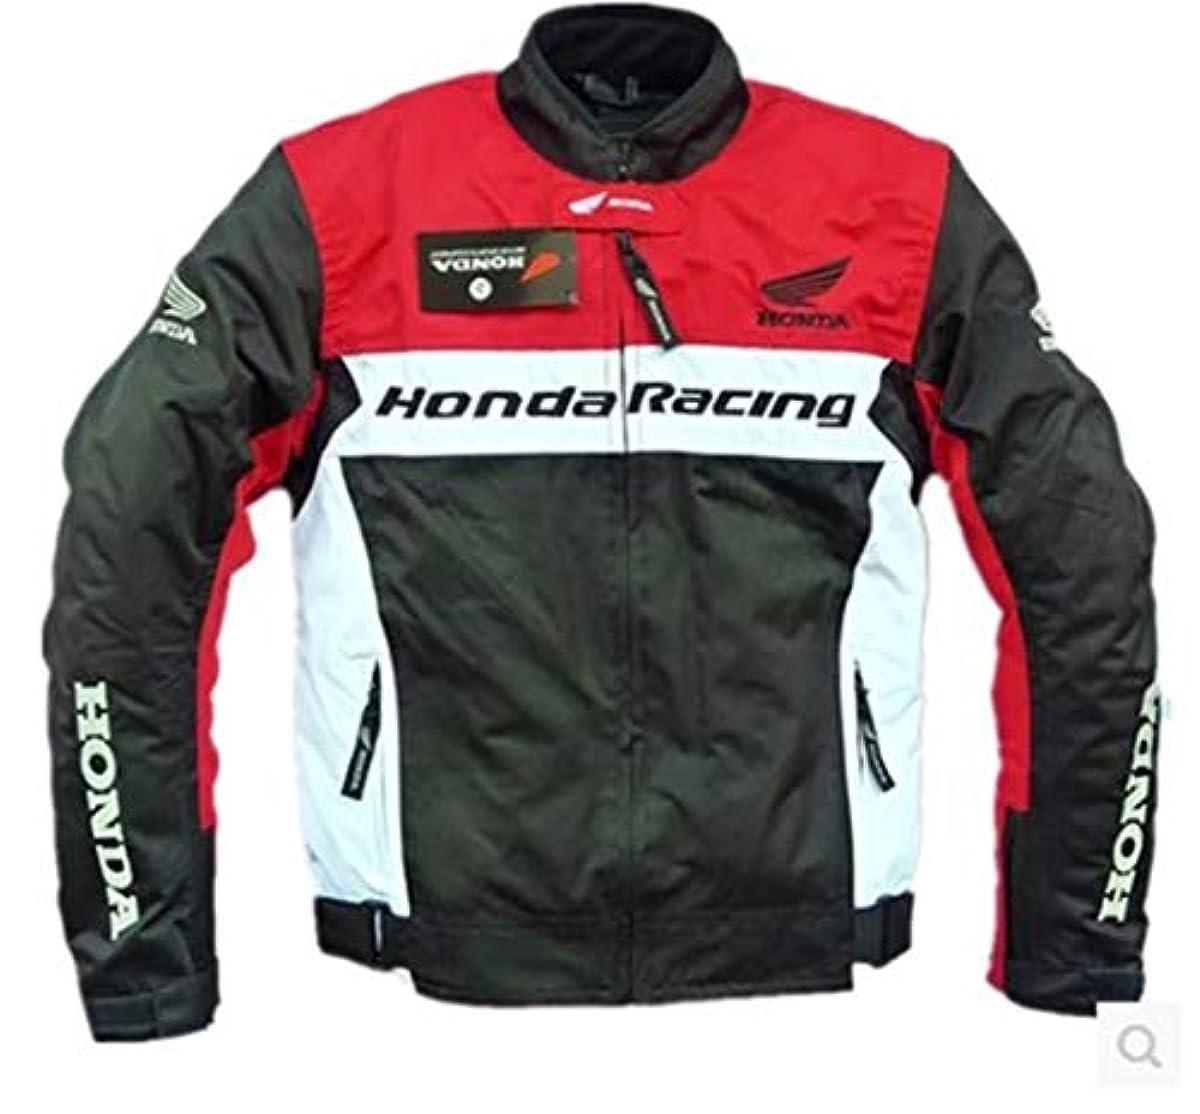 [해외] 오토바이 재킷 오토바이 점퍼 맨즈 바이 웨어 레이싱복 라이더스 재킷 방한 방풍 통기성 레이싱복 오토바이 용품 추동용 S-3XL 레드, XXXL